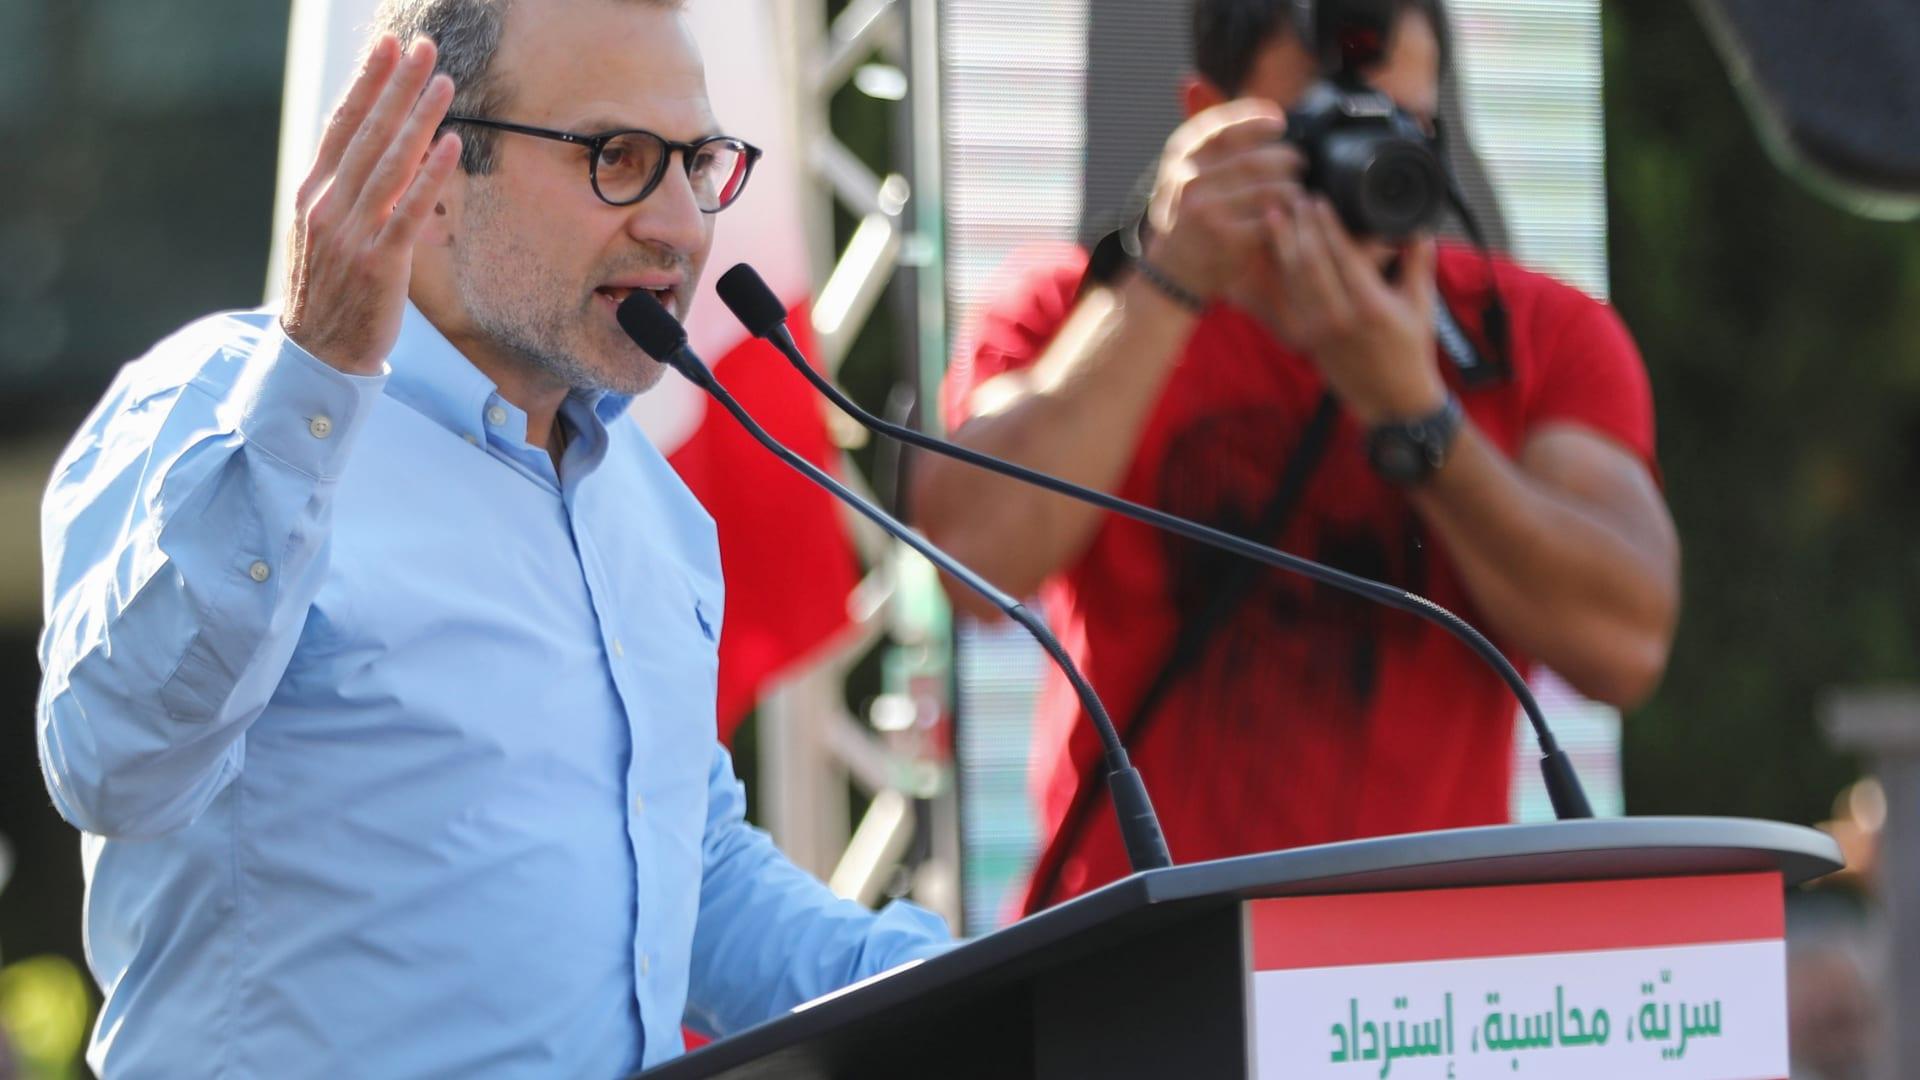 وزير لبناني سابق يعدد لـCNN نقاطا لإعادة الثقة بالاقتصاد